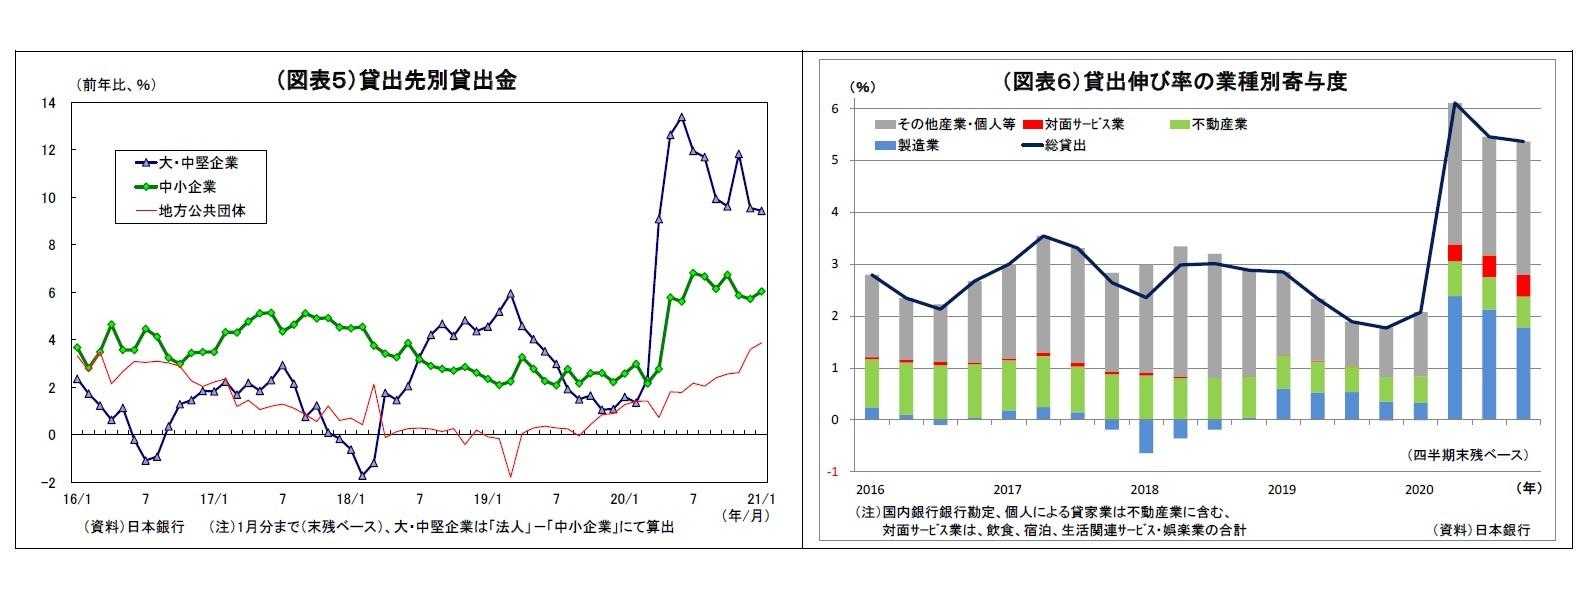 (図表5)貸出先別貸出金/(図表6)貸出伸び率の業種別寄与度